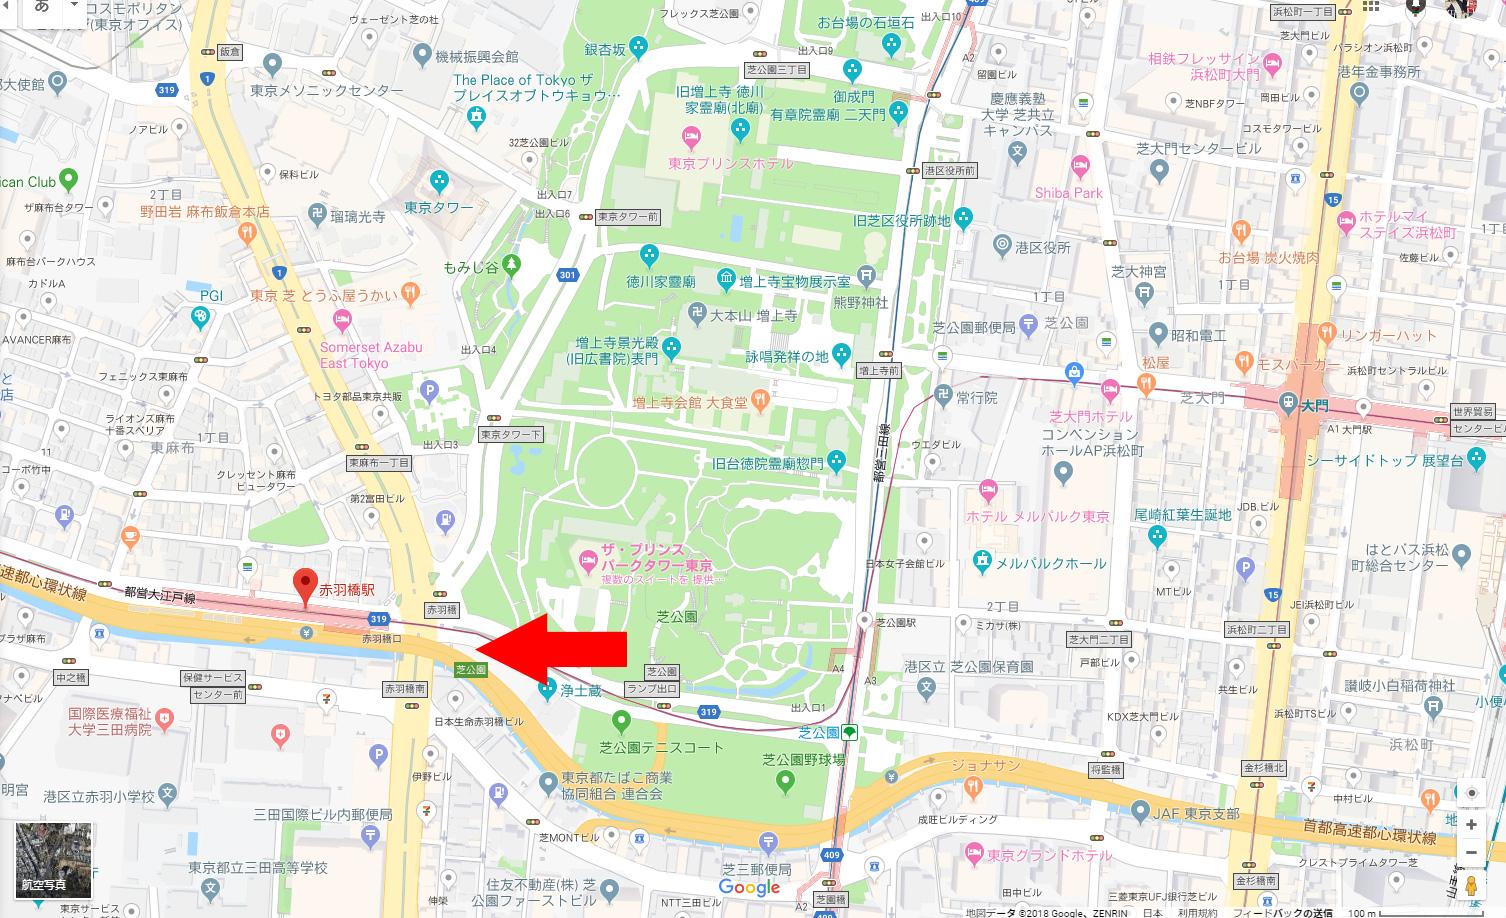 現在の赤羽橋周辺図 Googleマップから引用